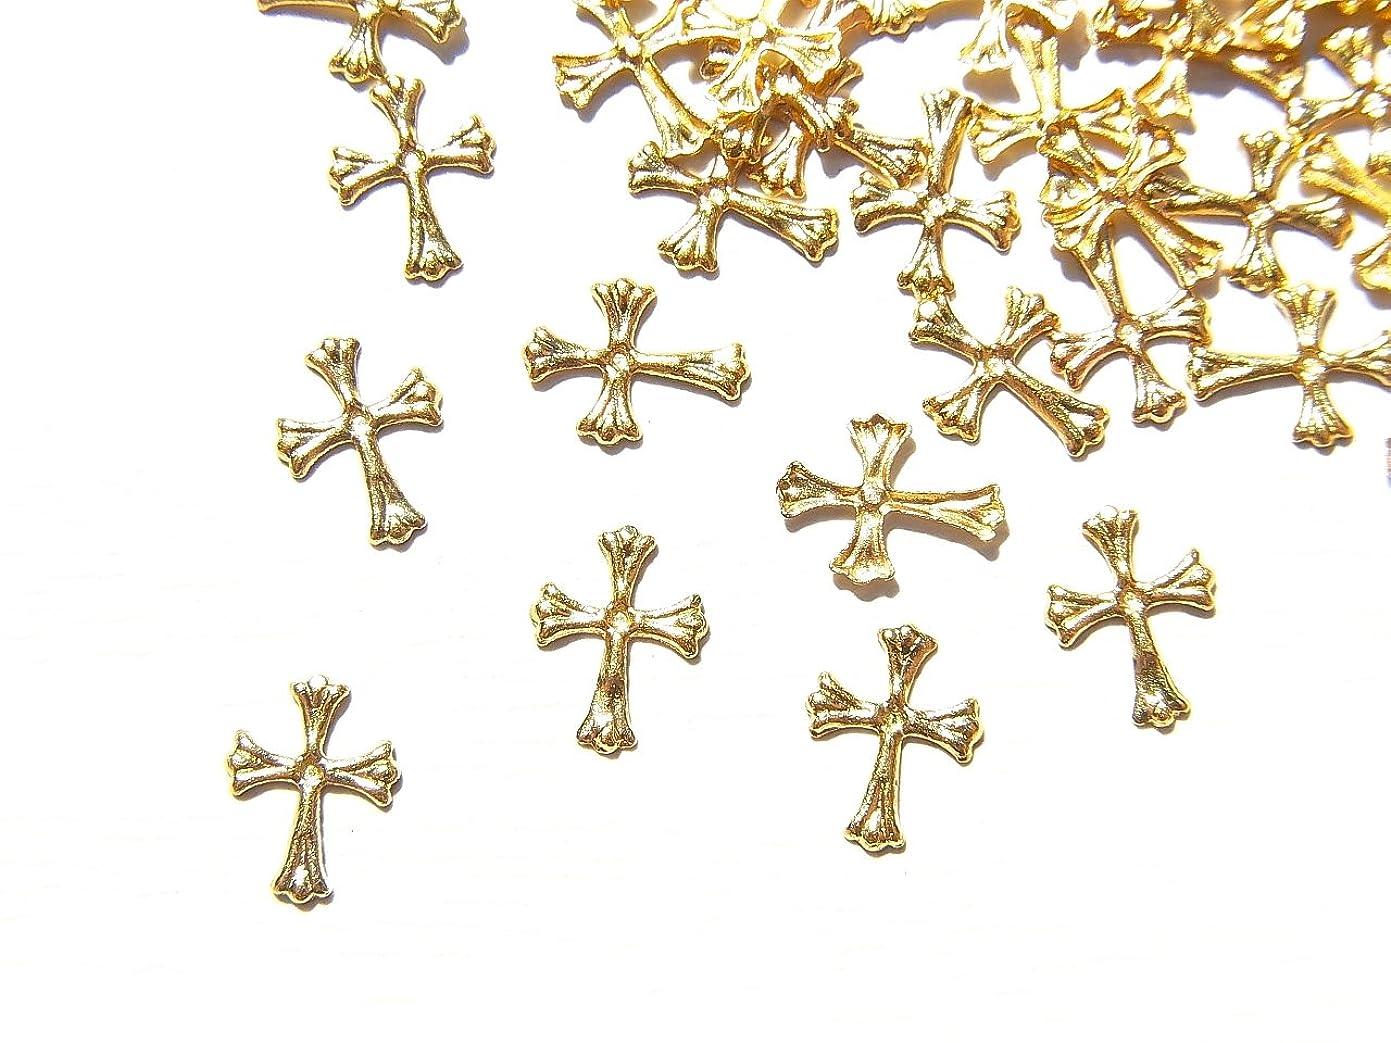 会計士暗記する偏見【jewel】ゴールド メタルパーツ クロス (十字架) 10個入り 6mm×4mm 手芸 材料 レジン ネイルアート パーツ 素材